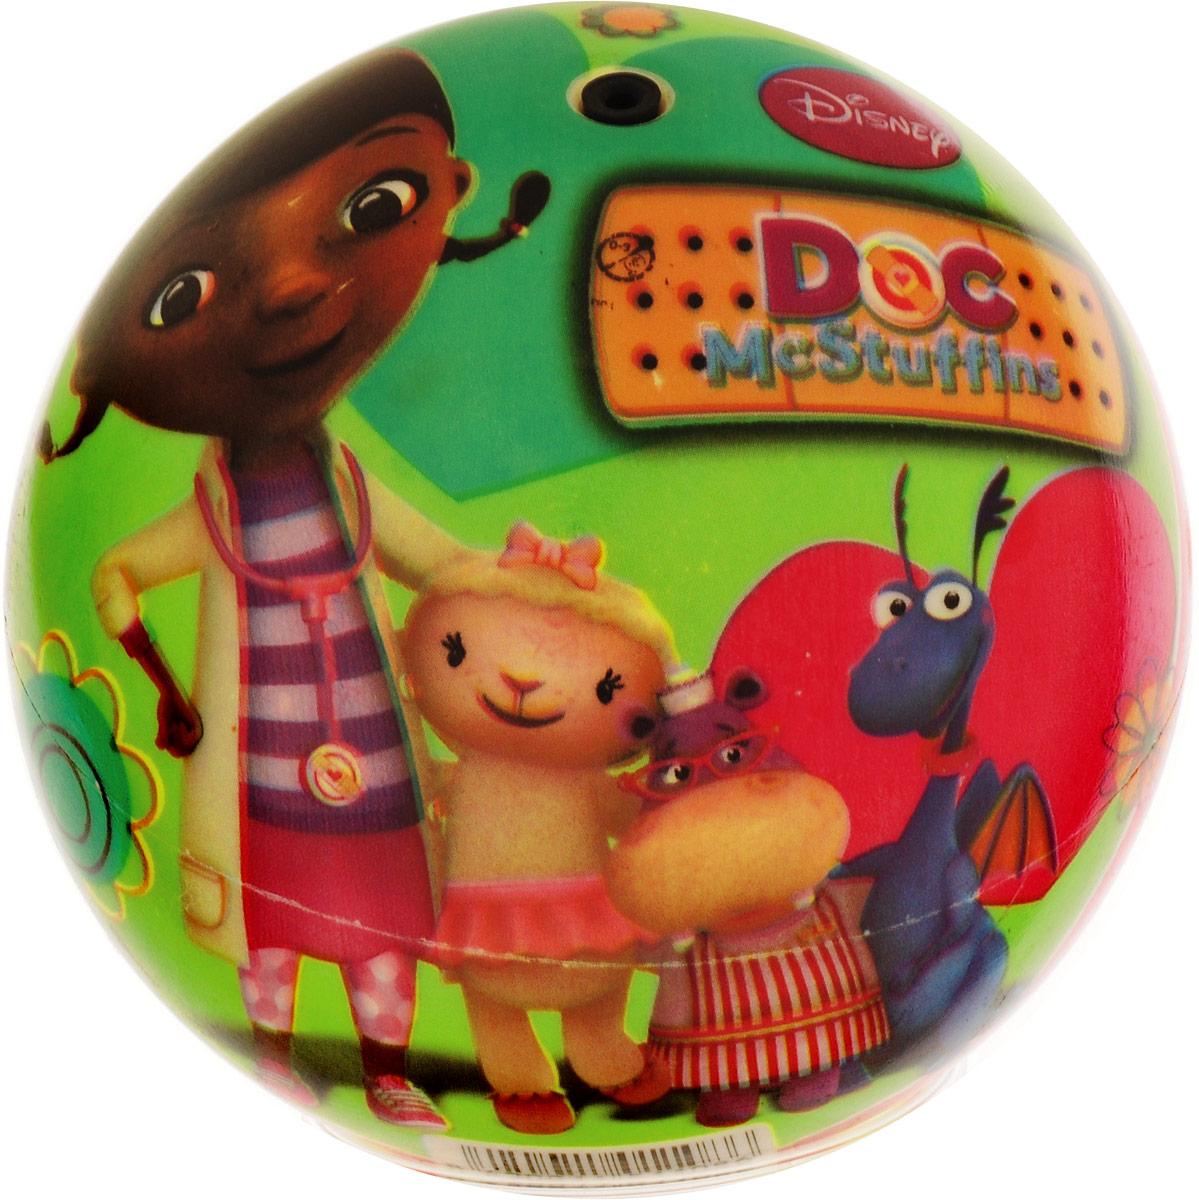 Unice Мяч детский Доктор Макстаффинс 15 см подарок малыша